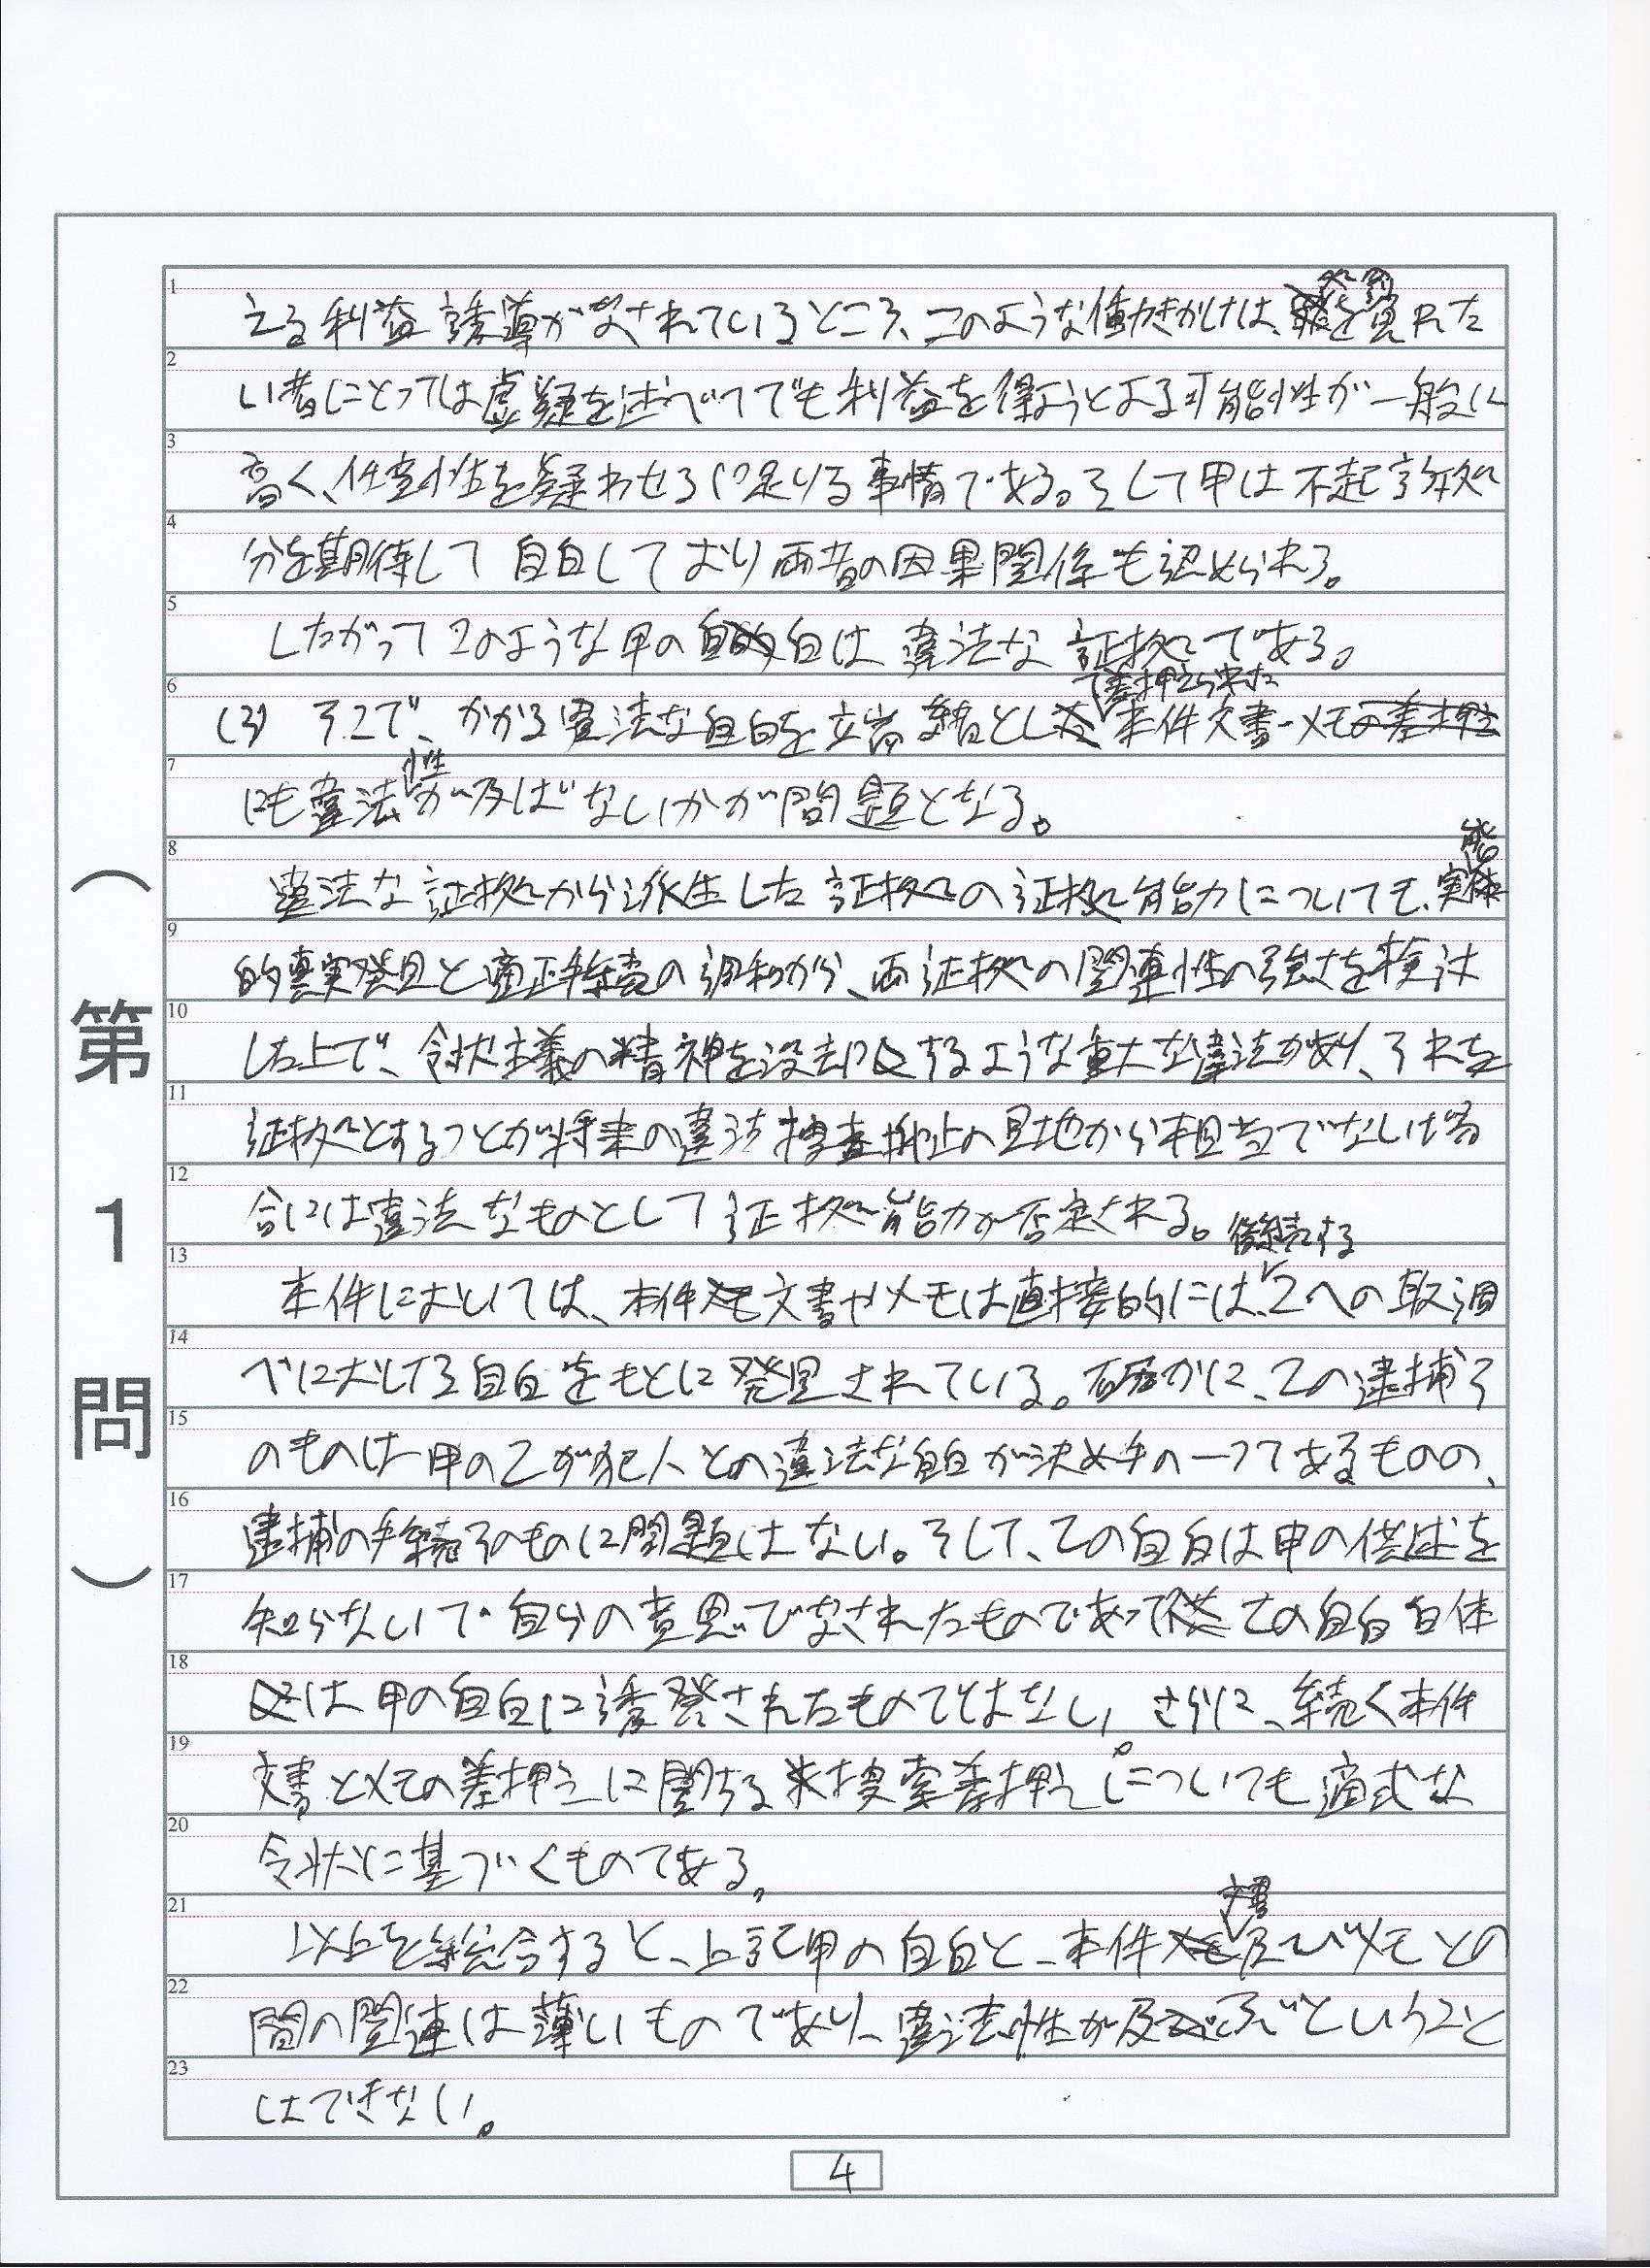 h27keiso4.jpg